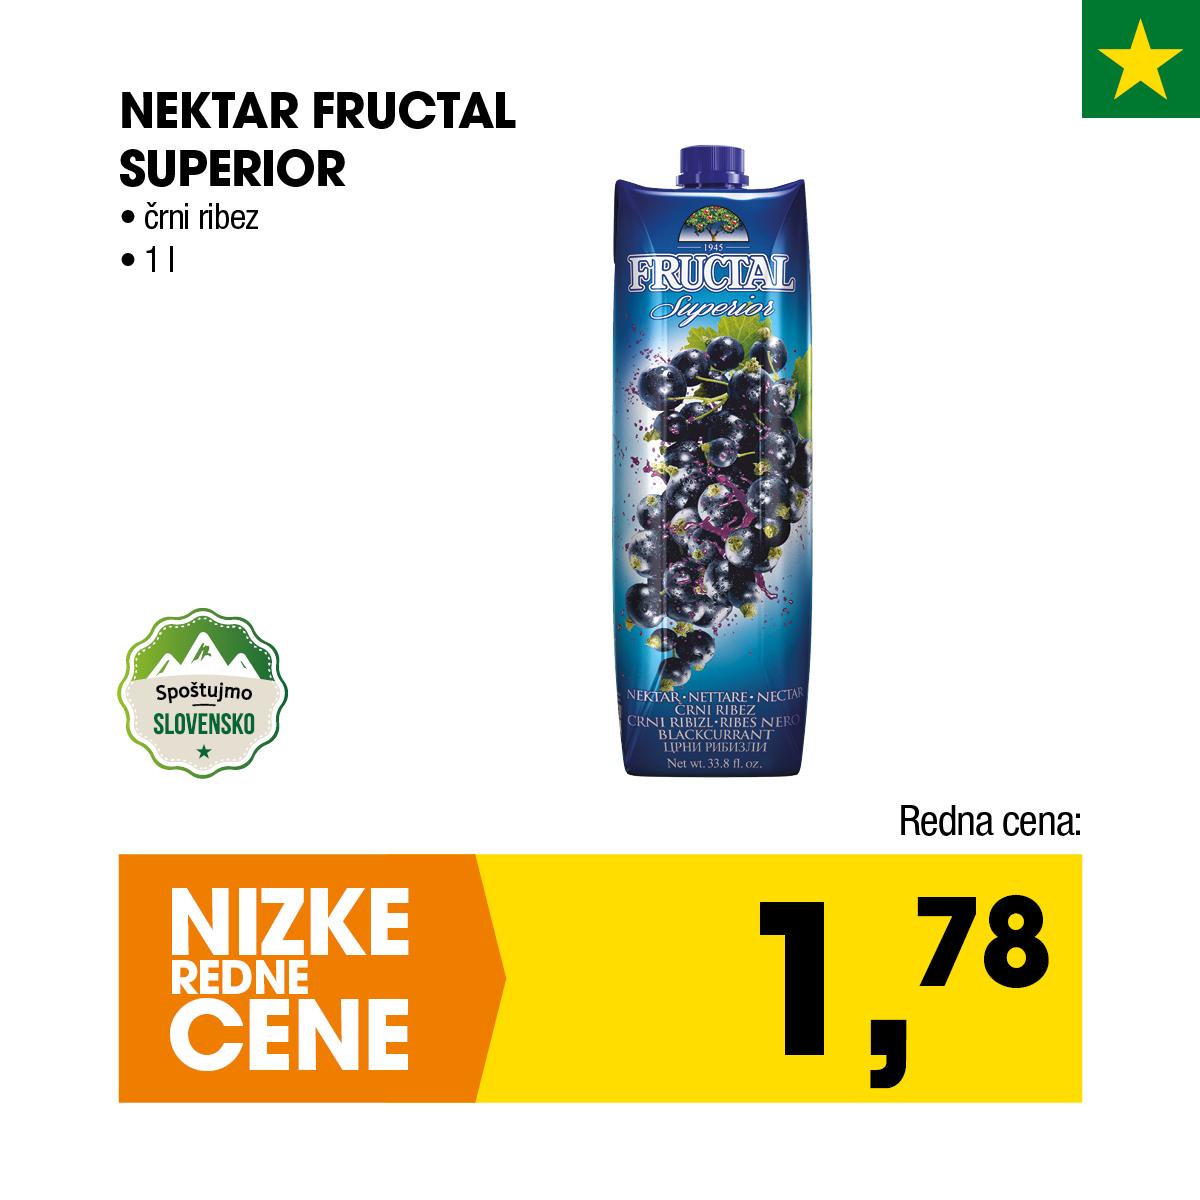 Nektar Fructal Superior črni ribez